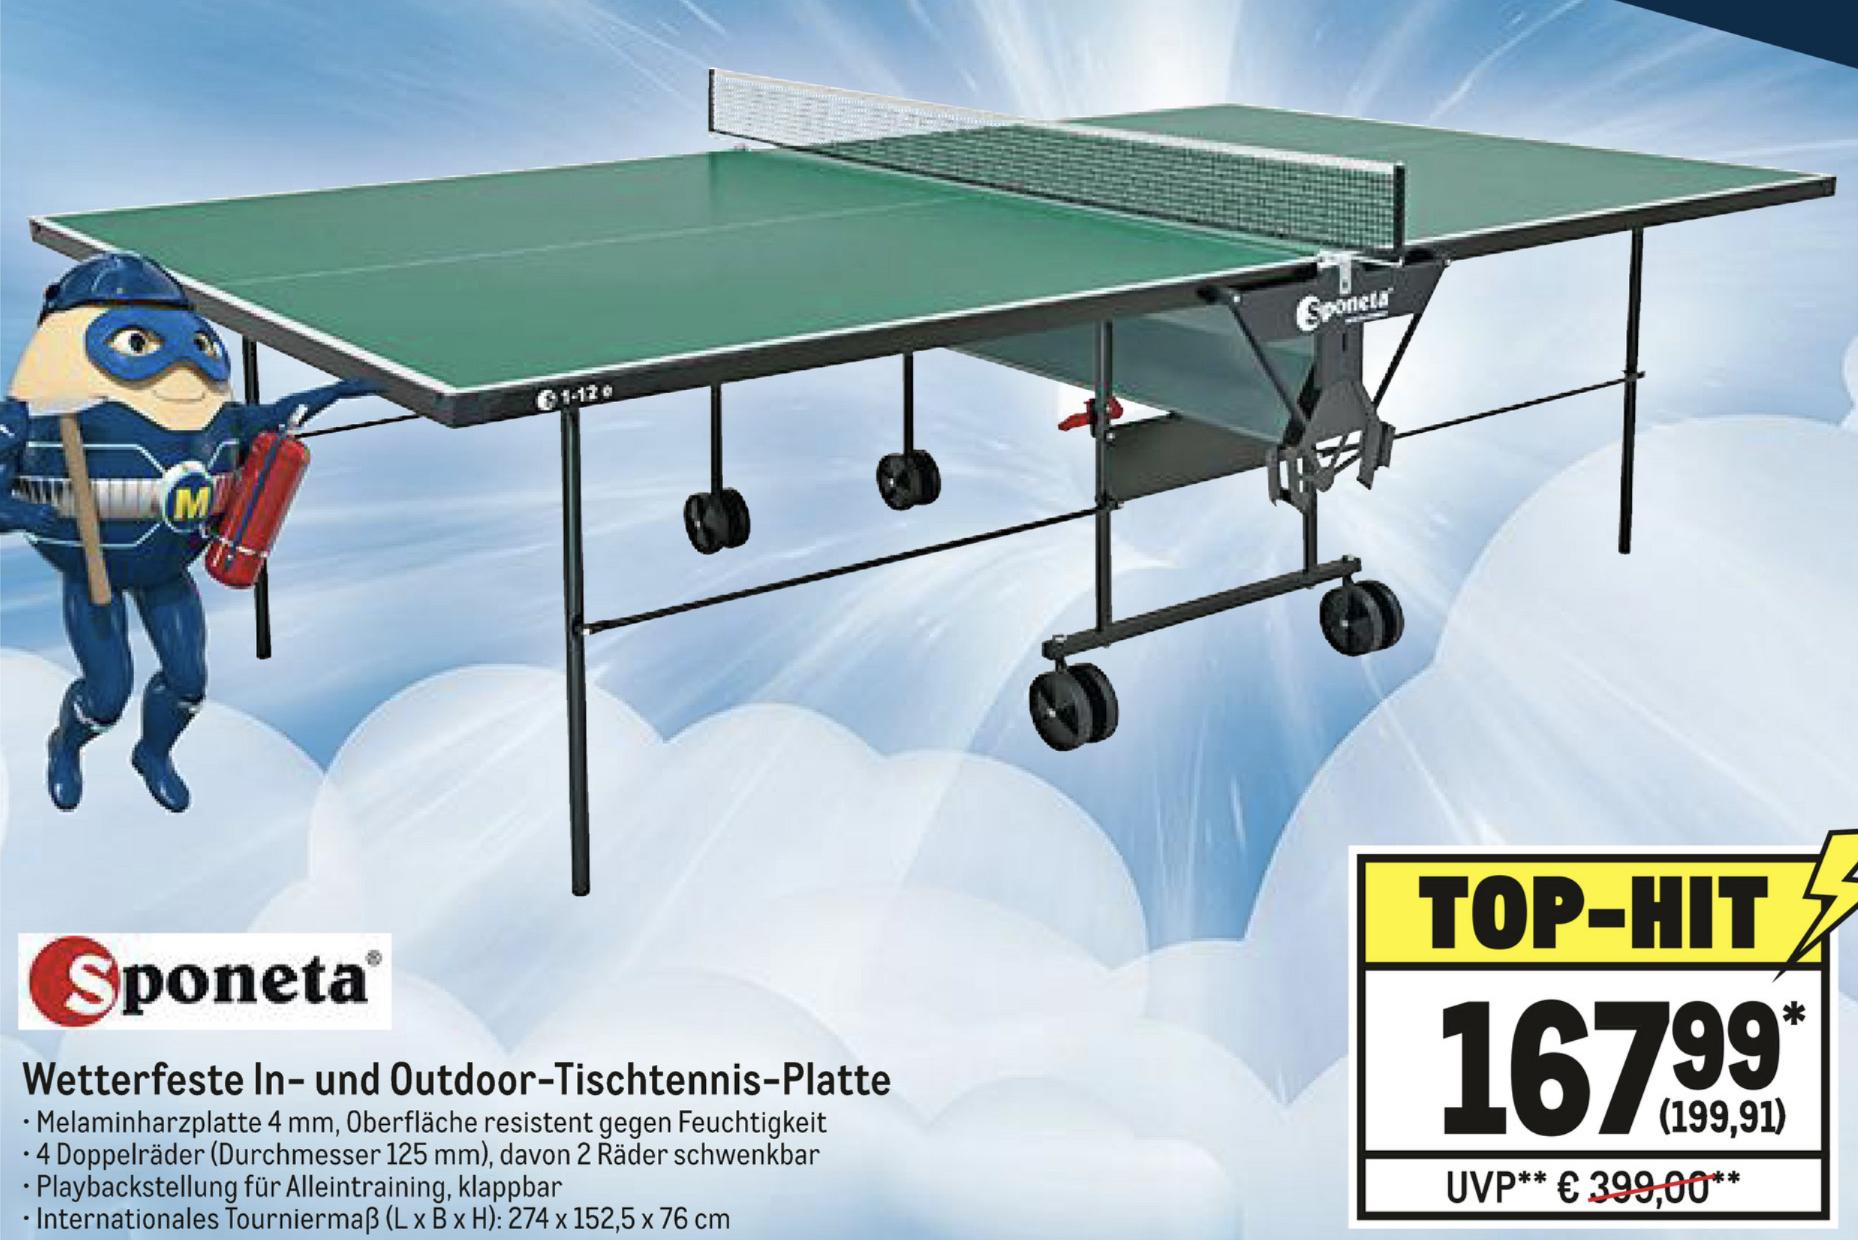 Sponeta Outdoor Tischtennisplatte wetterfest klappbar Turniermaß grün für 199,91€ - [Metro] Gewerbe o. Verein erforderlich